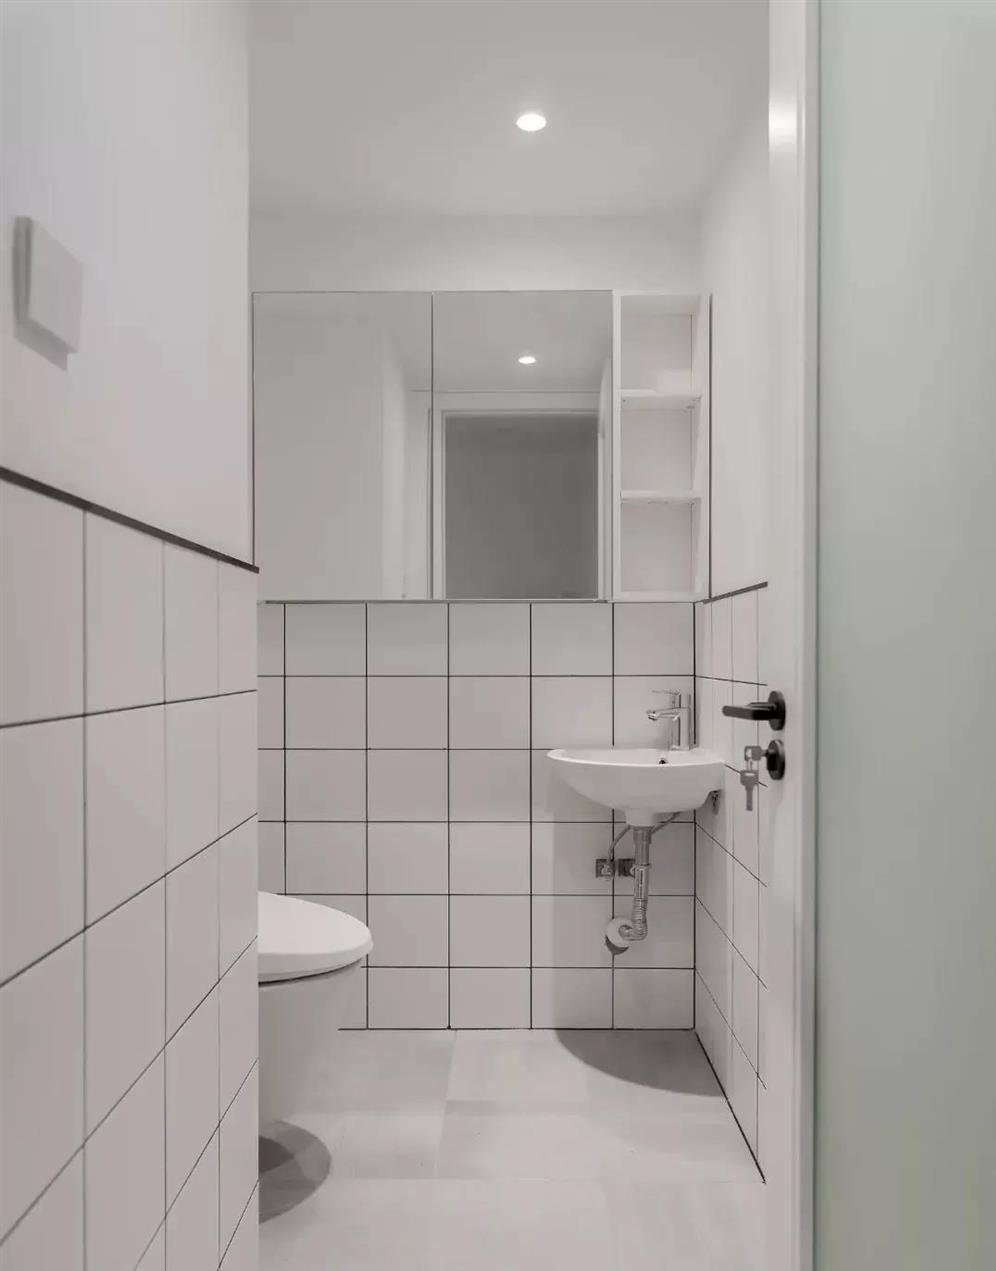 家装做防水多少钱一平米